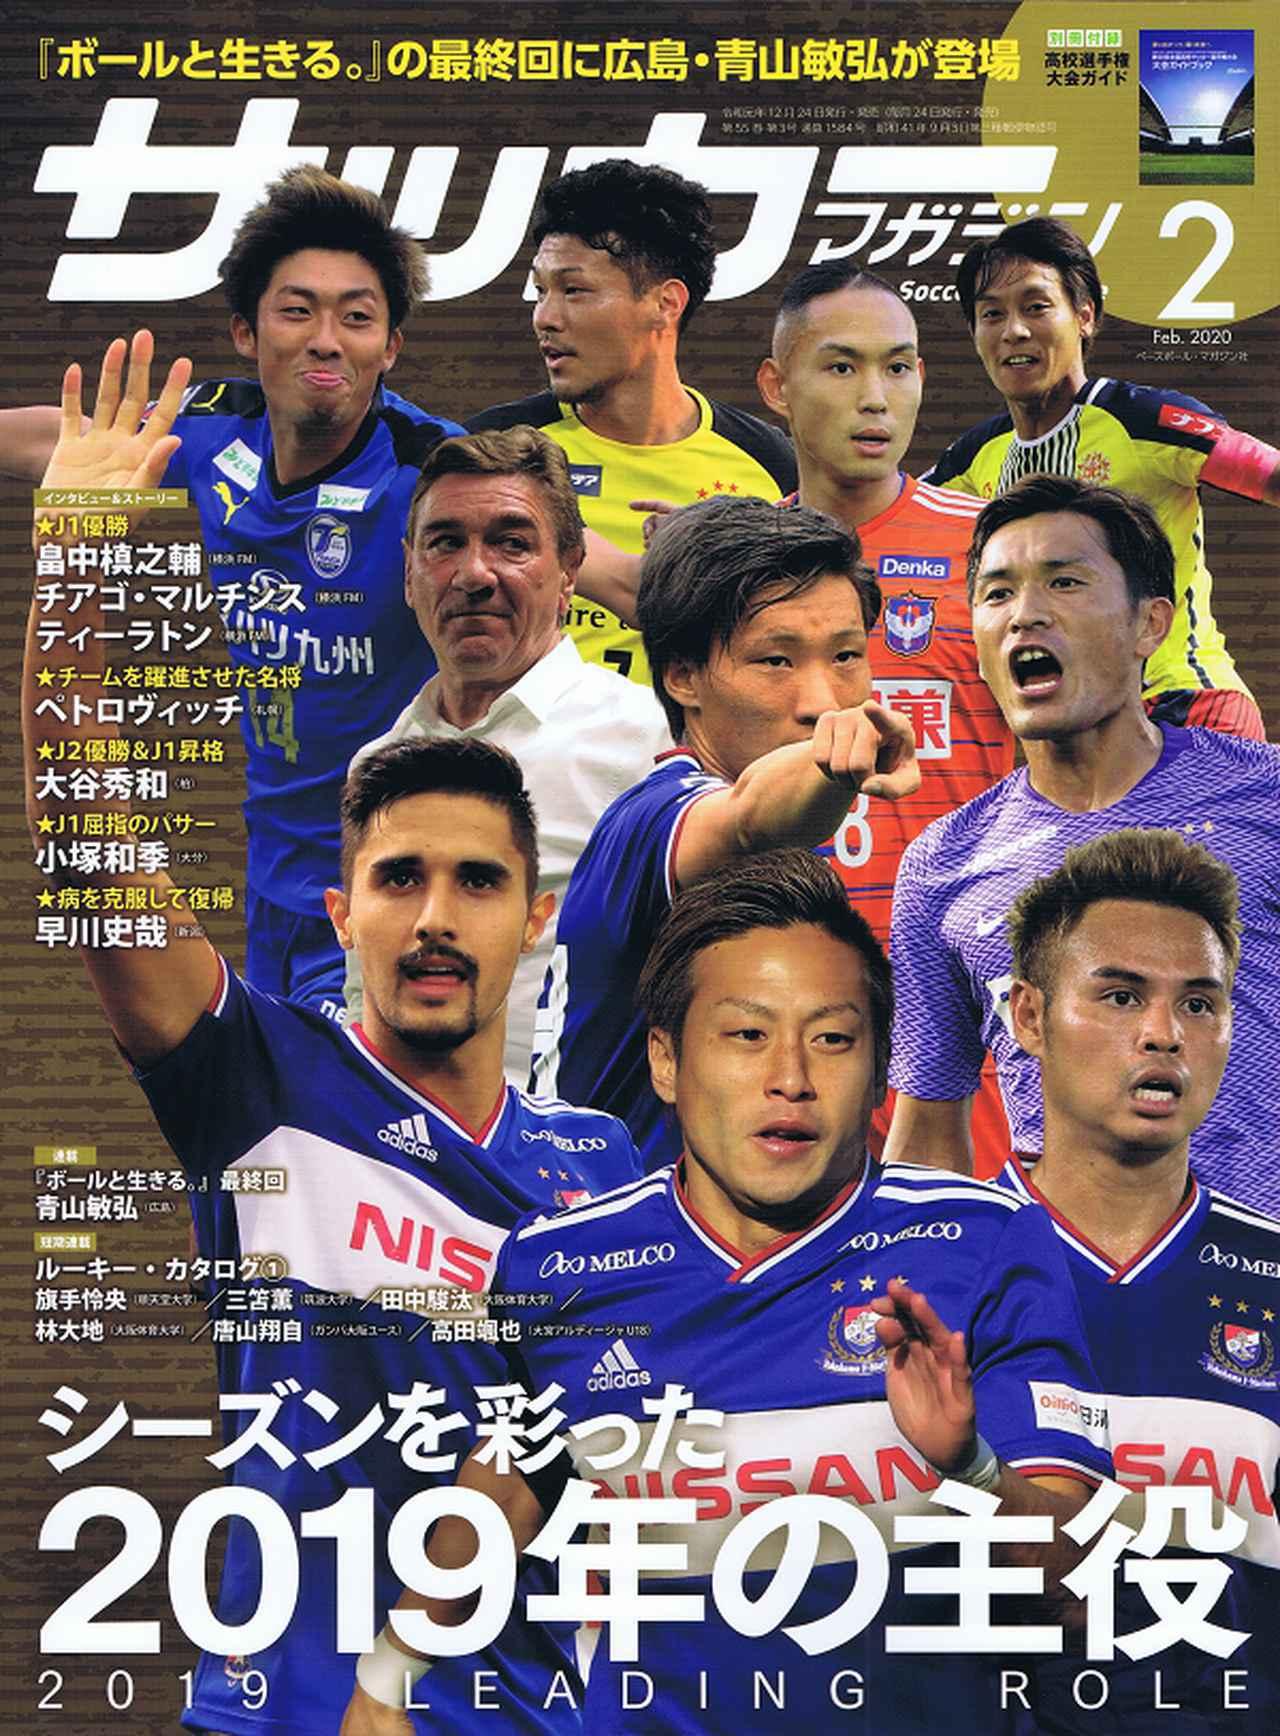 画像1: サッカーマガジン 2月号 - ベースボール・マガジン社WEB